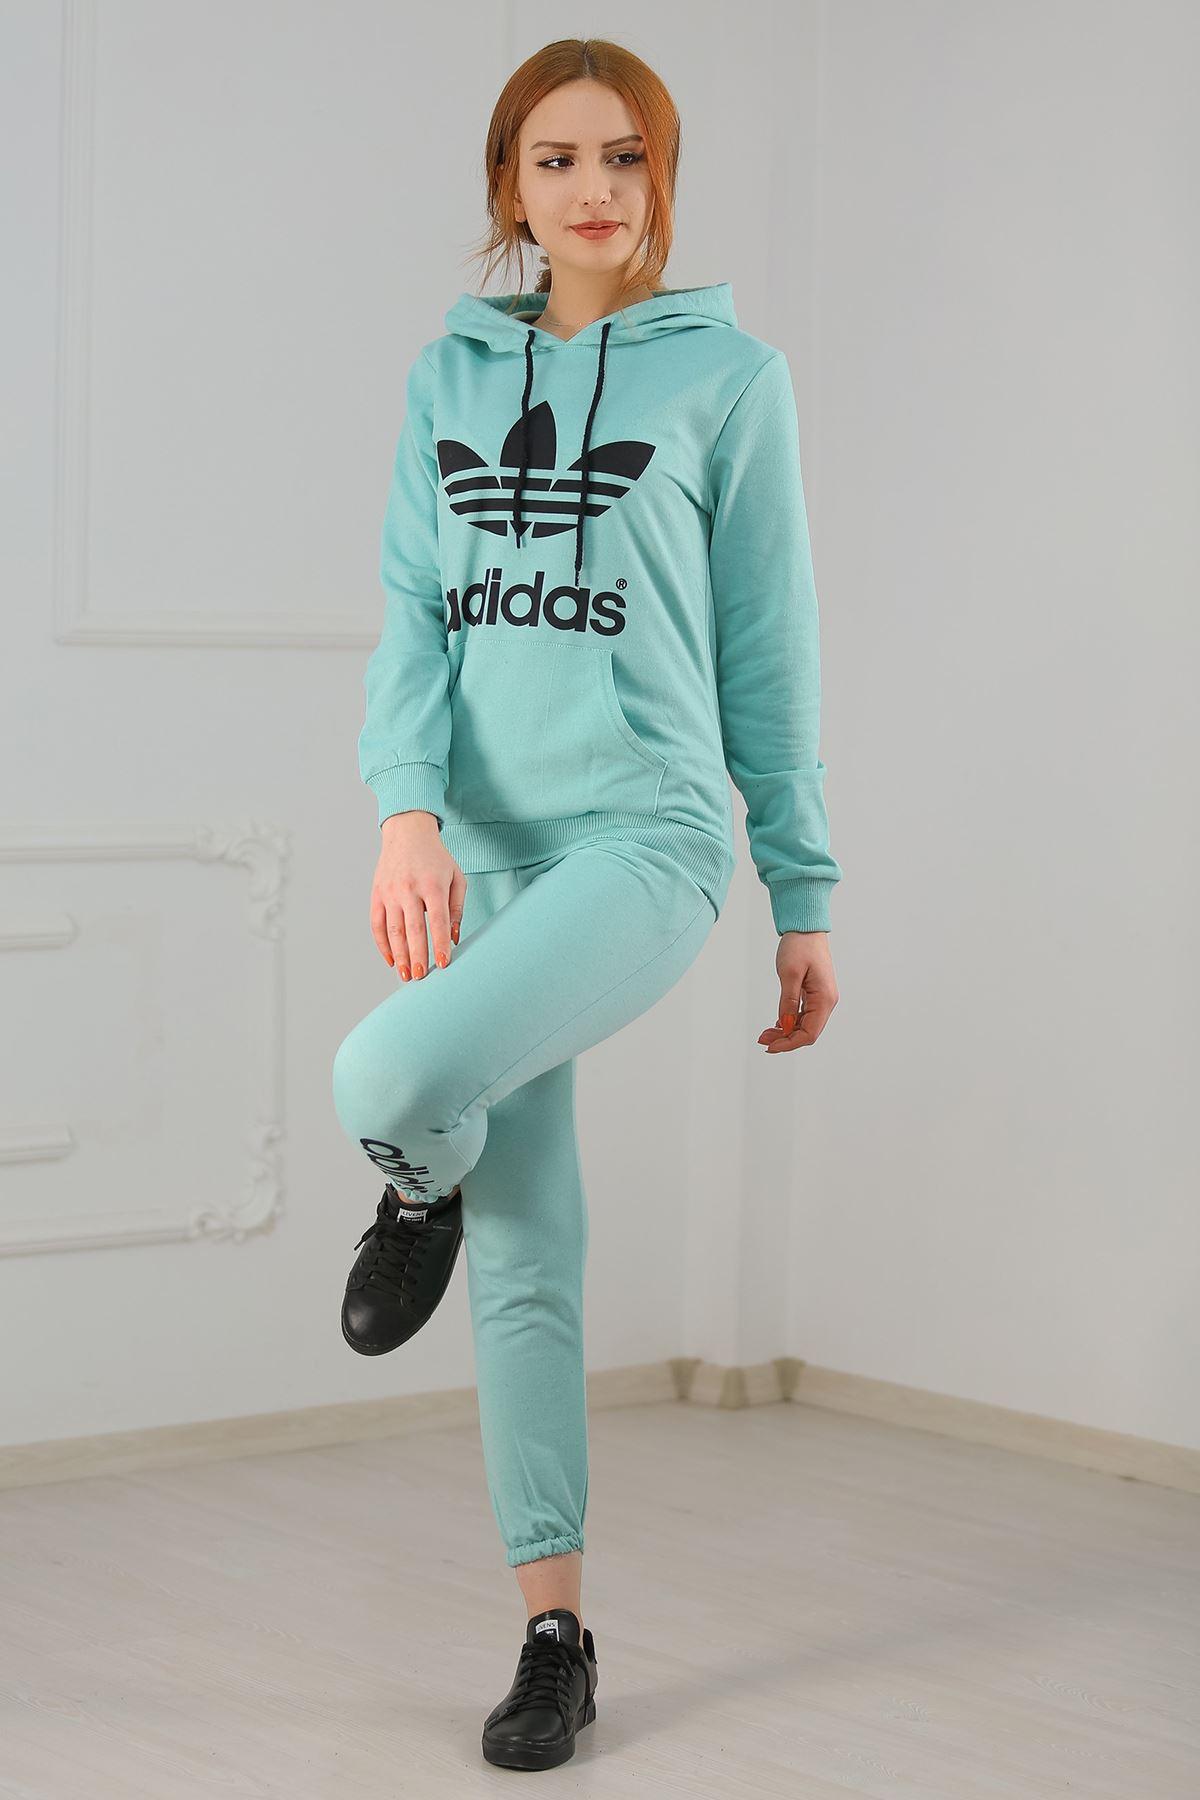 Kadın Eşofman Takımı Mint - 21013.1059.